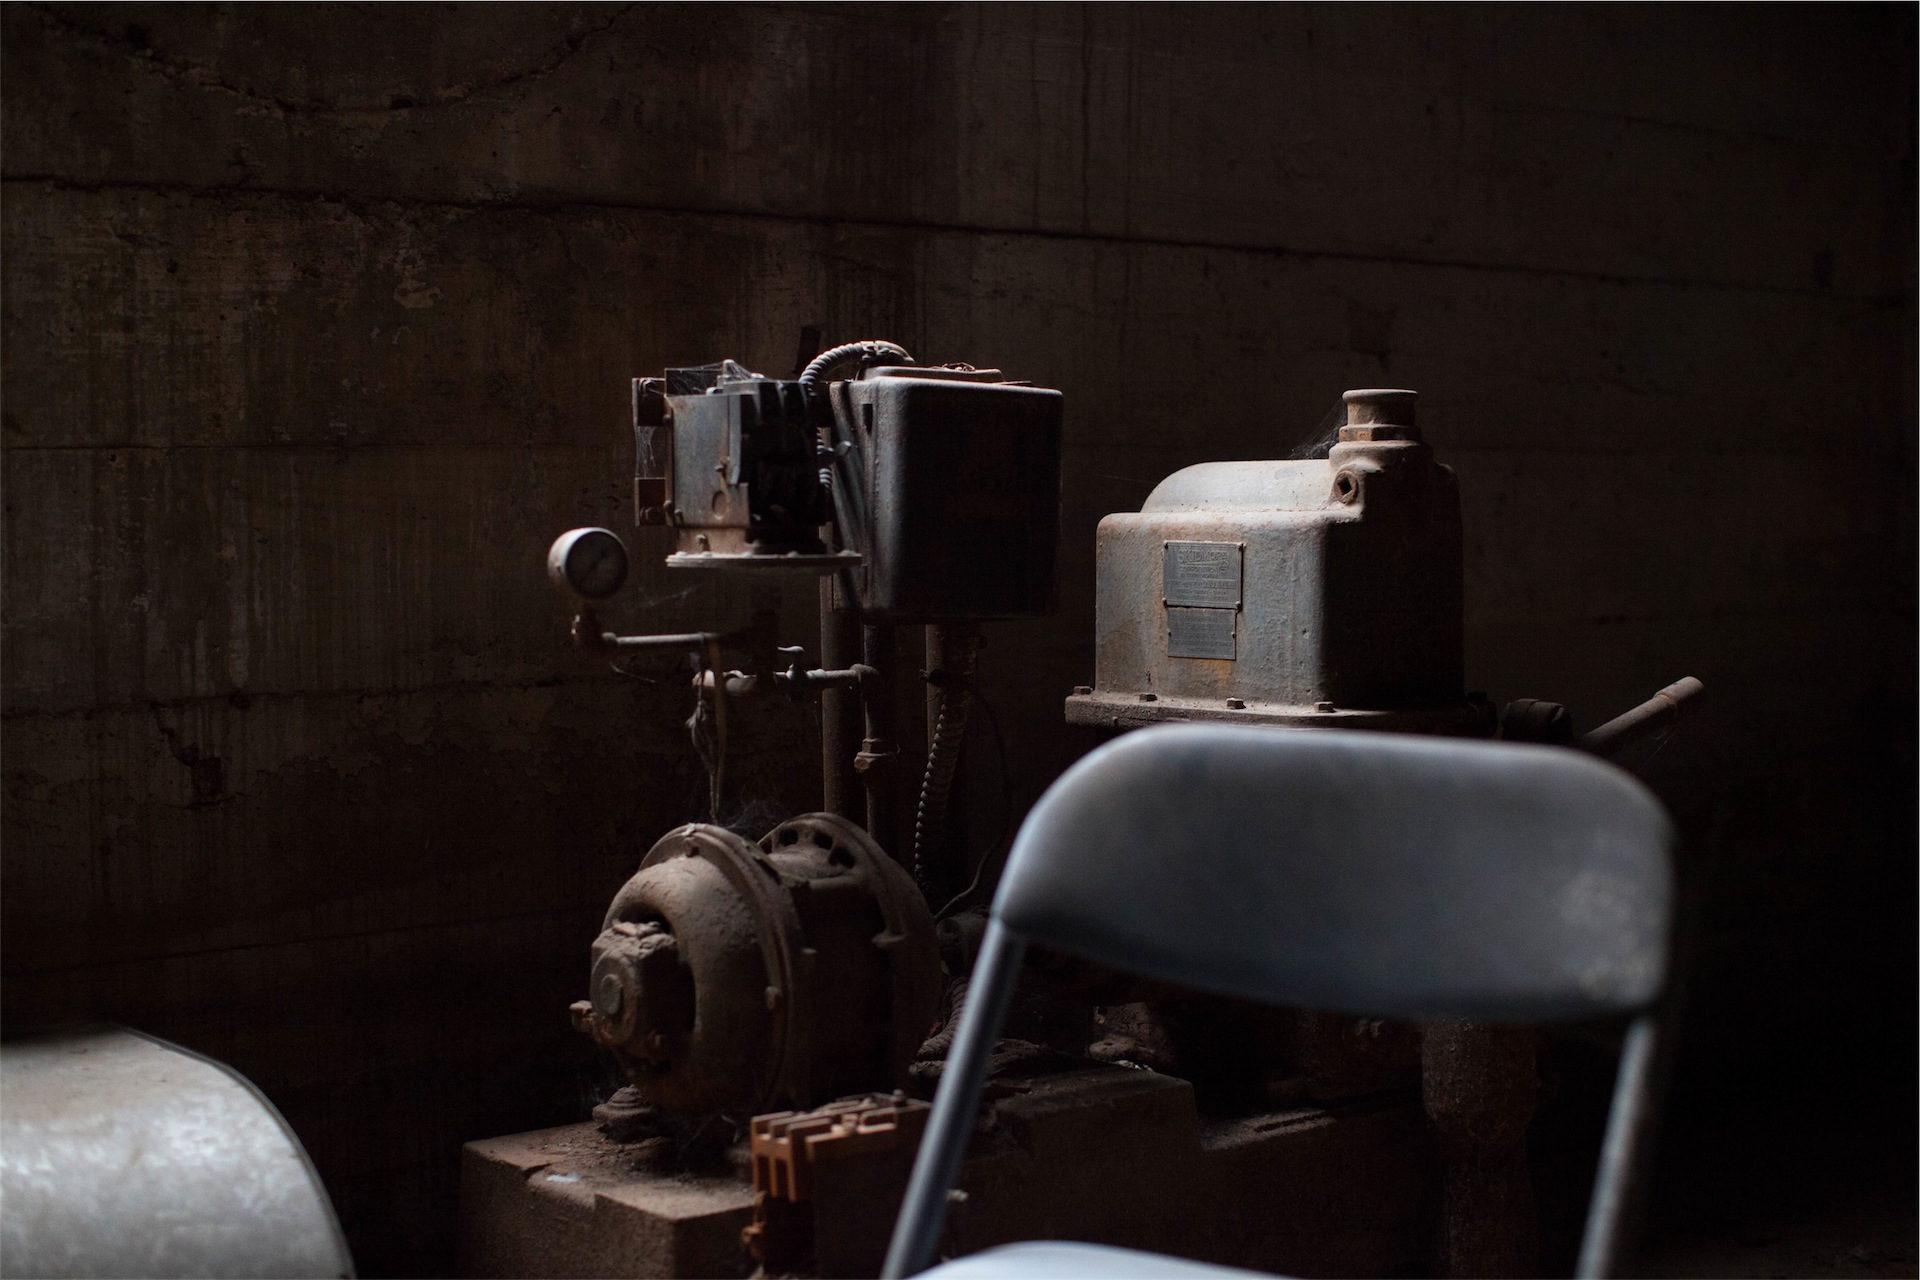 इंजन, वाल्व, पाउडर, antiguo, पुराने - HD वॉलपेपर - प्रोफेसर-falken.com